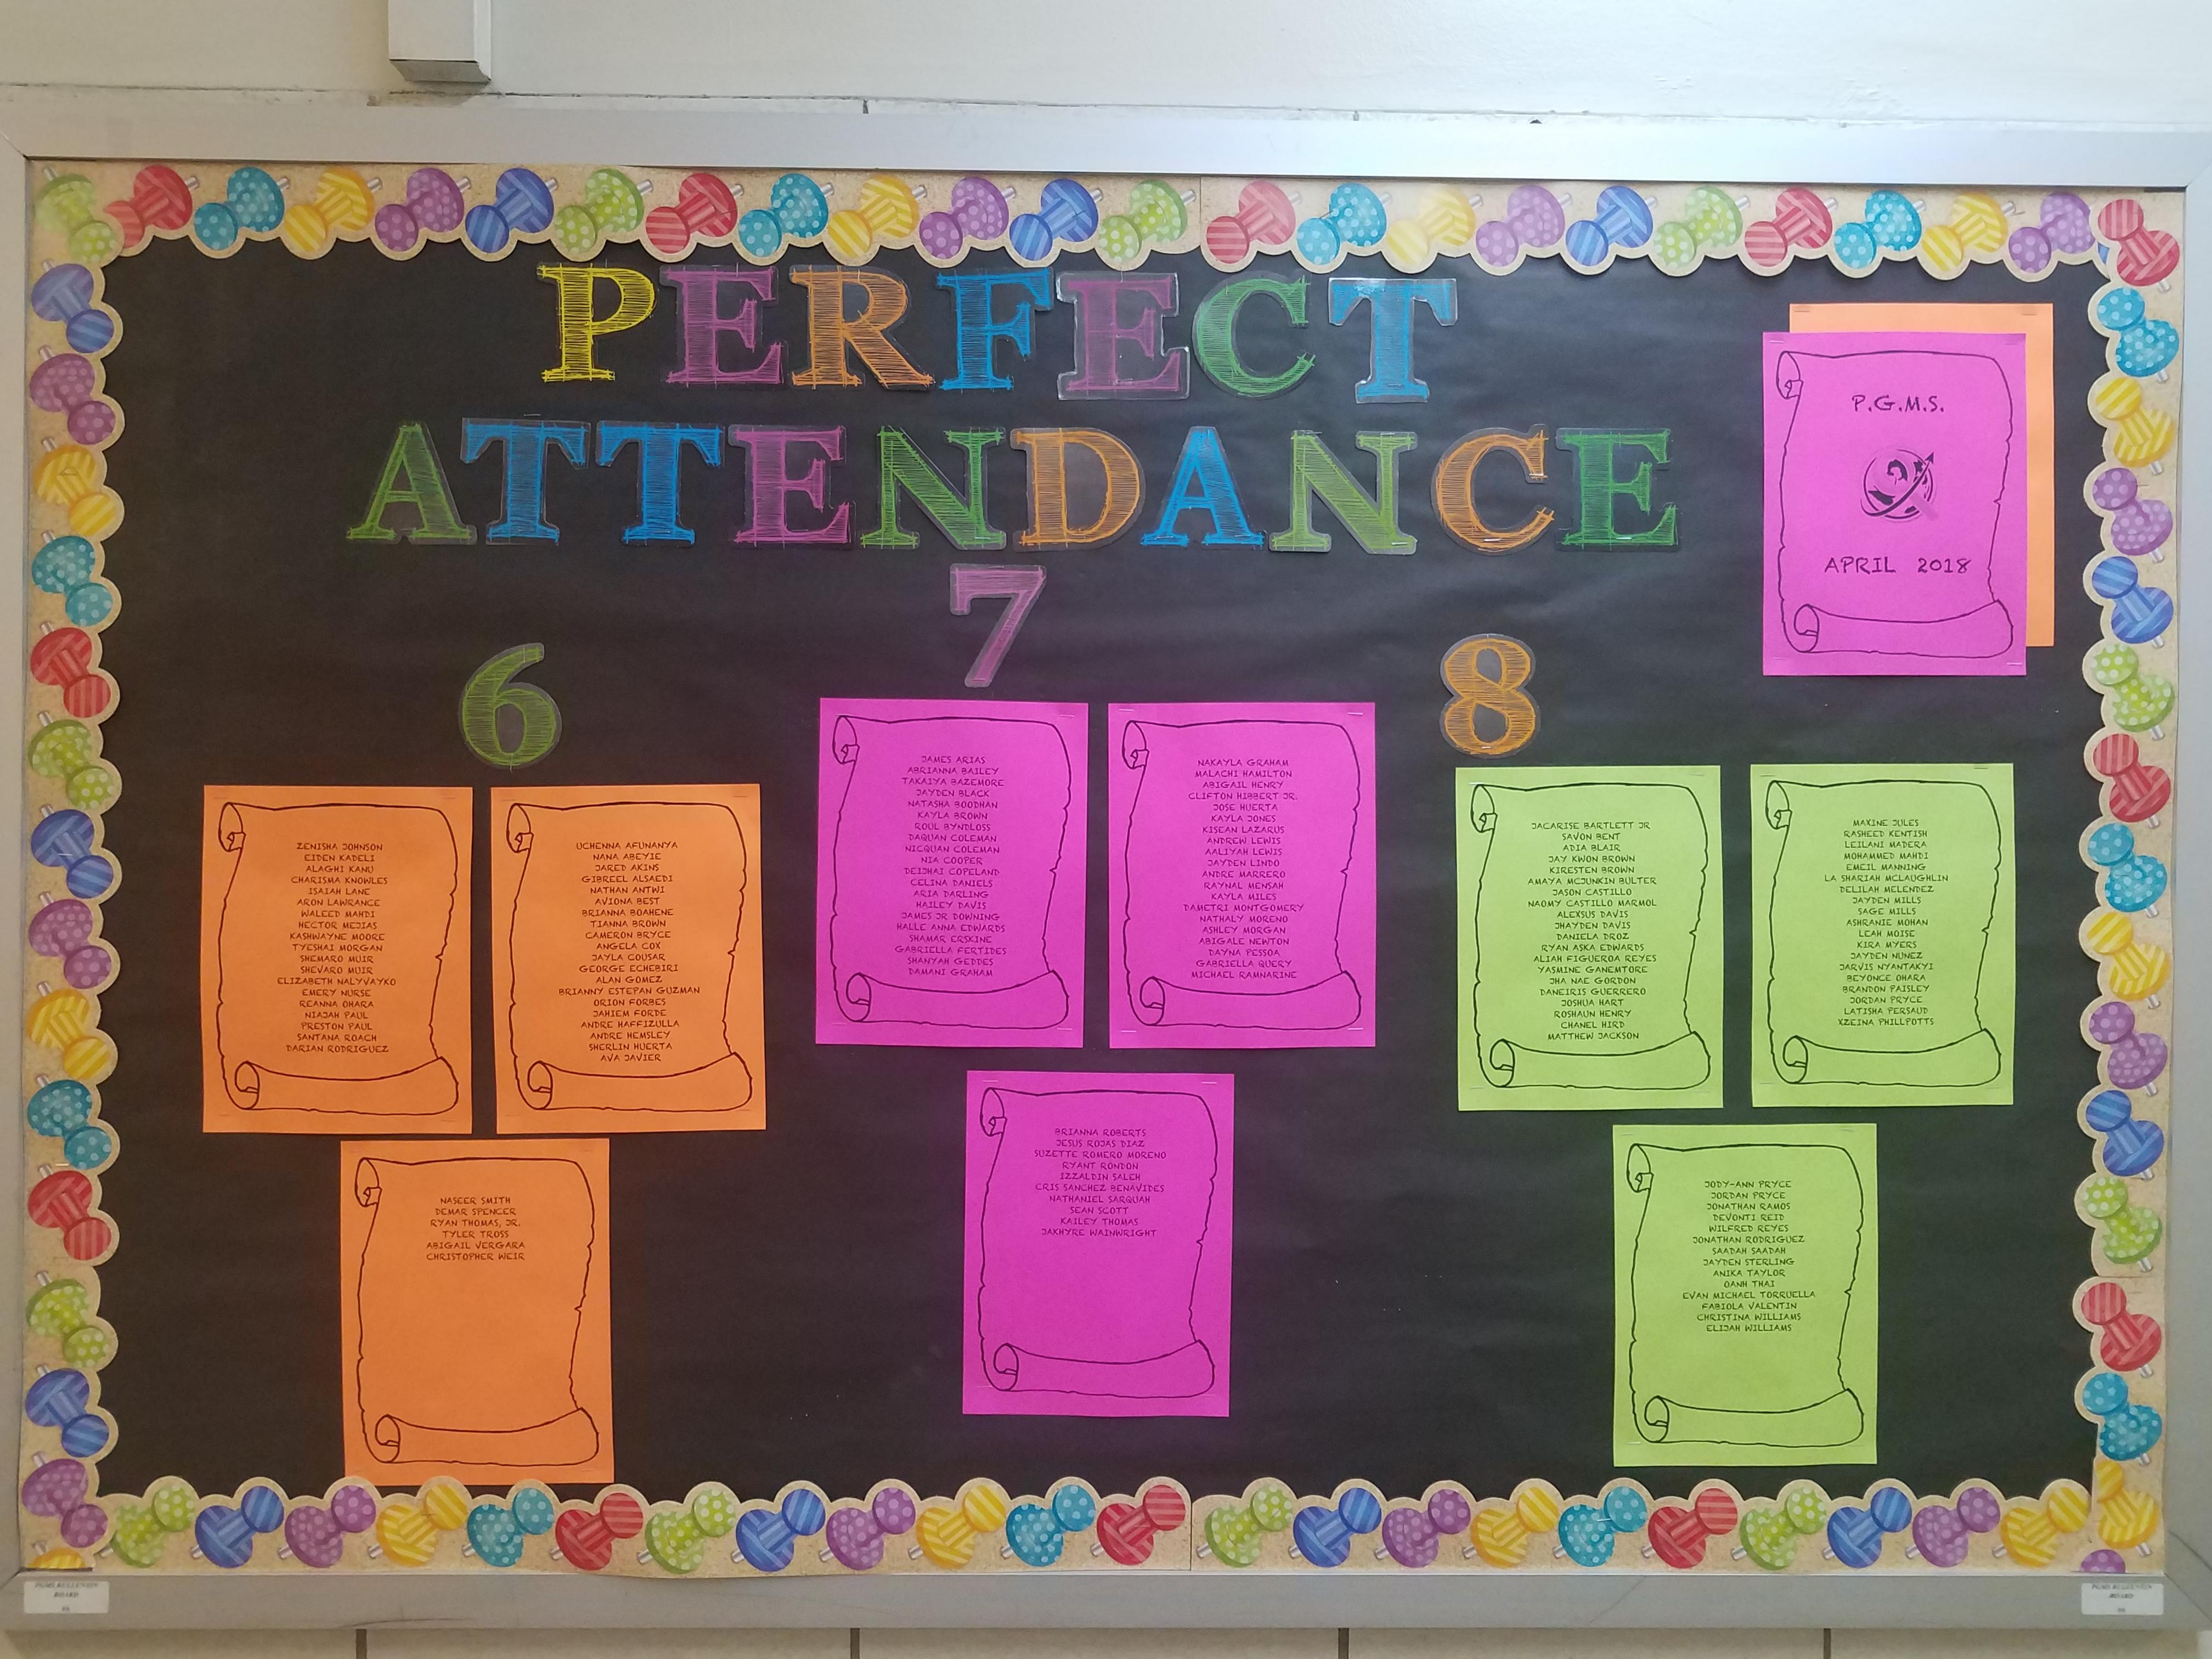 perfect attendance pelham gardens middle school